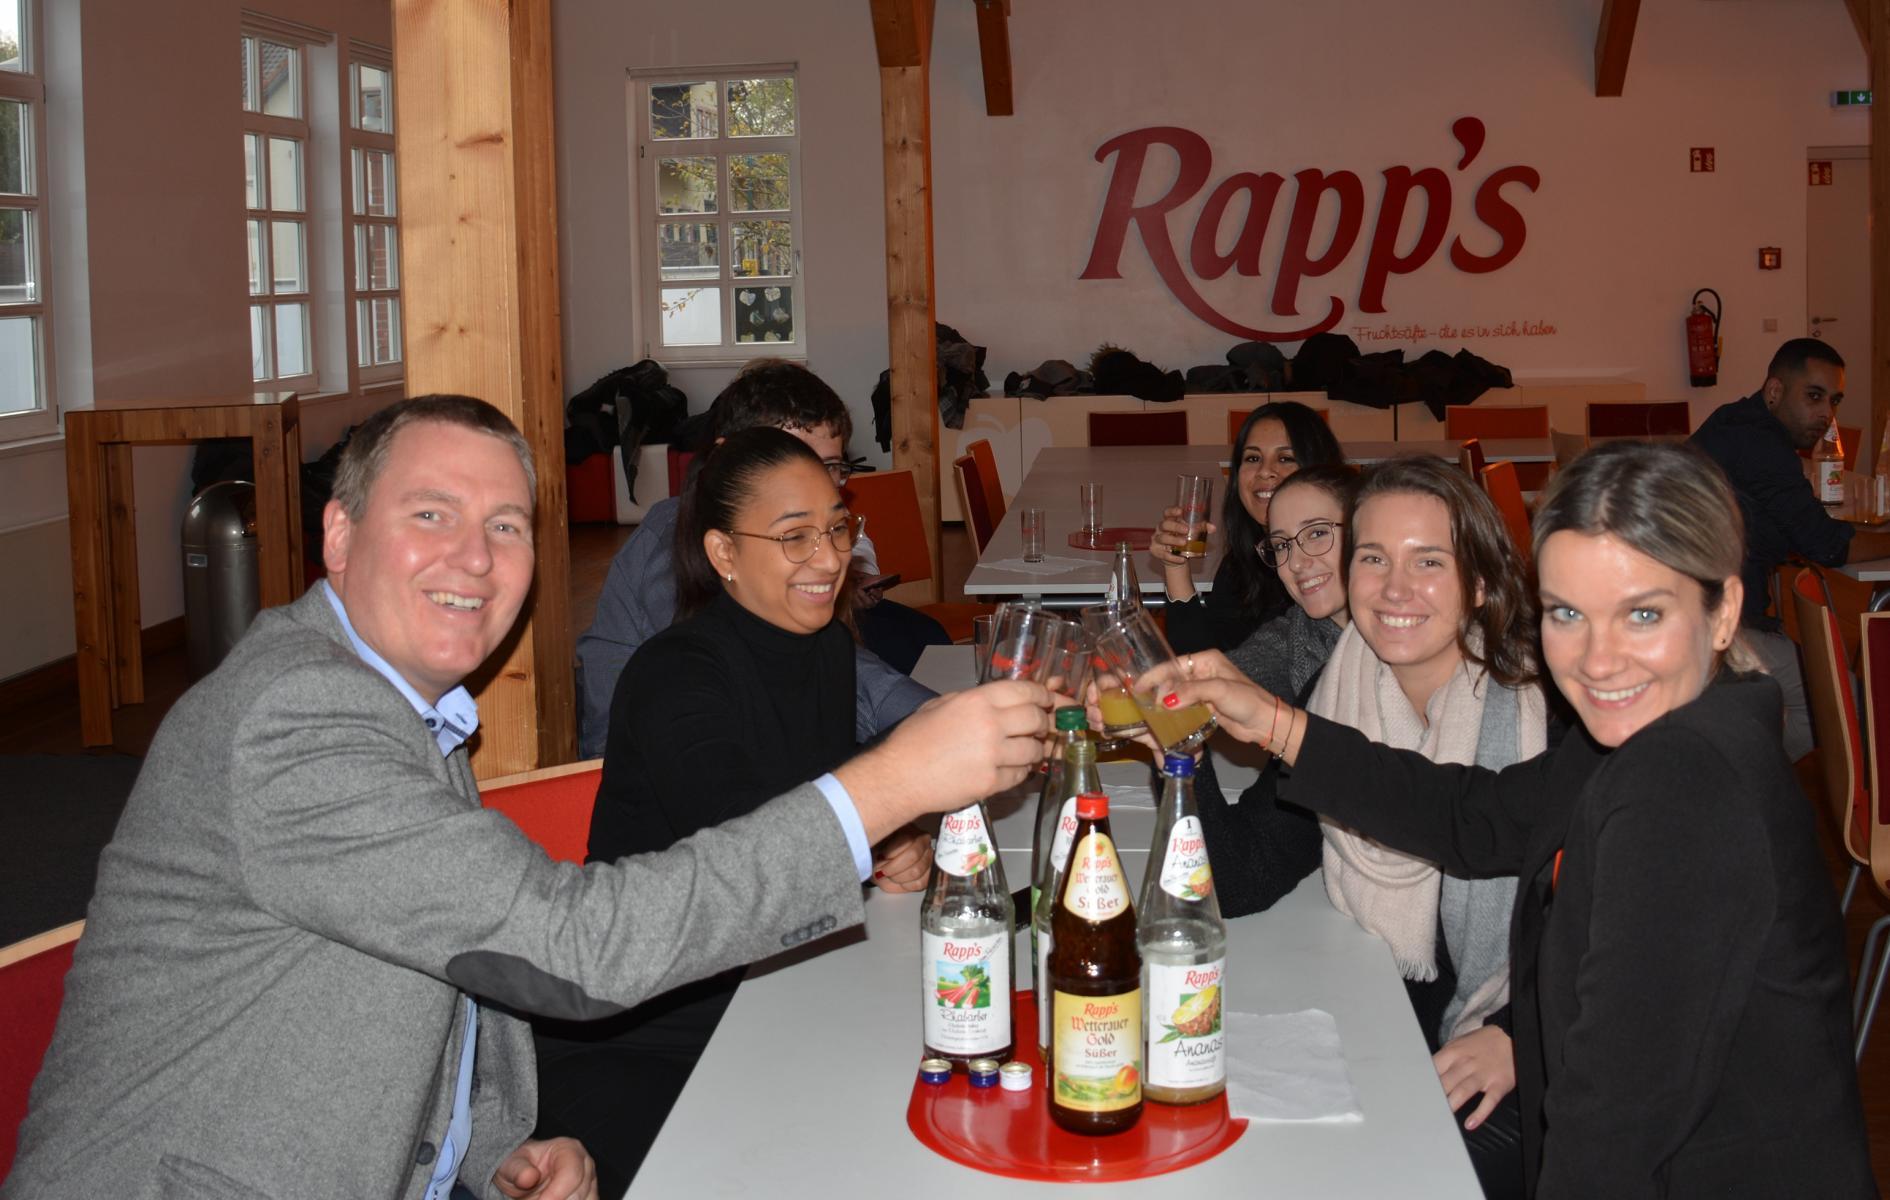 Produktionsprozesse: Fachvortrag bei Rapp's